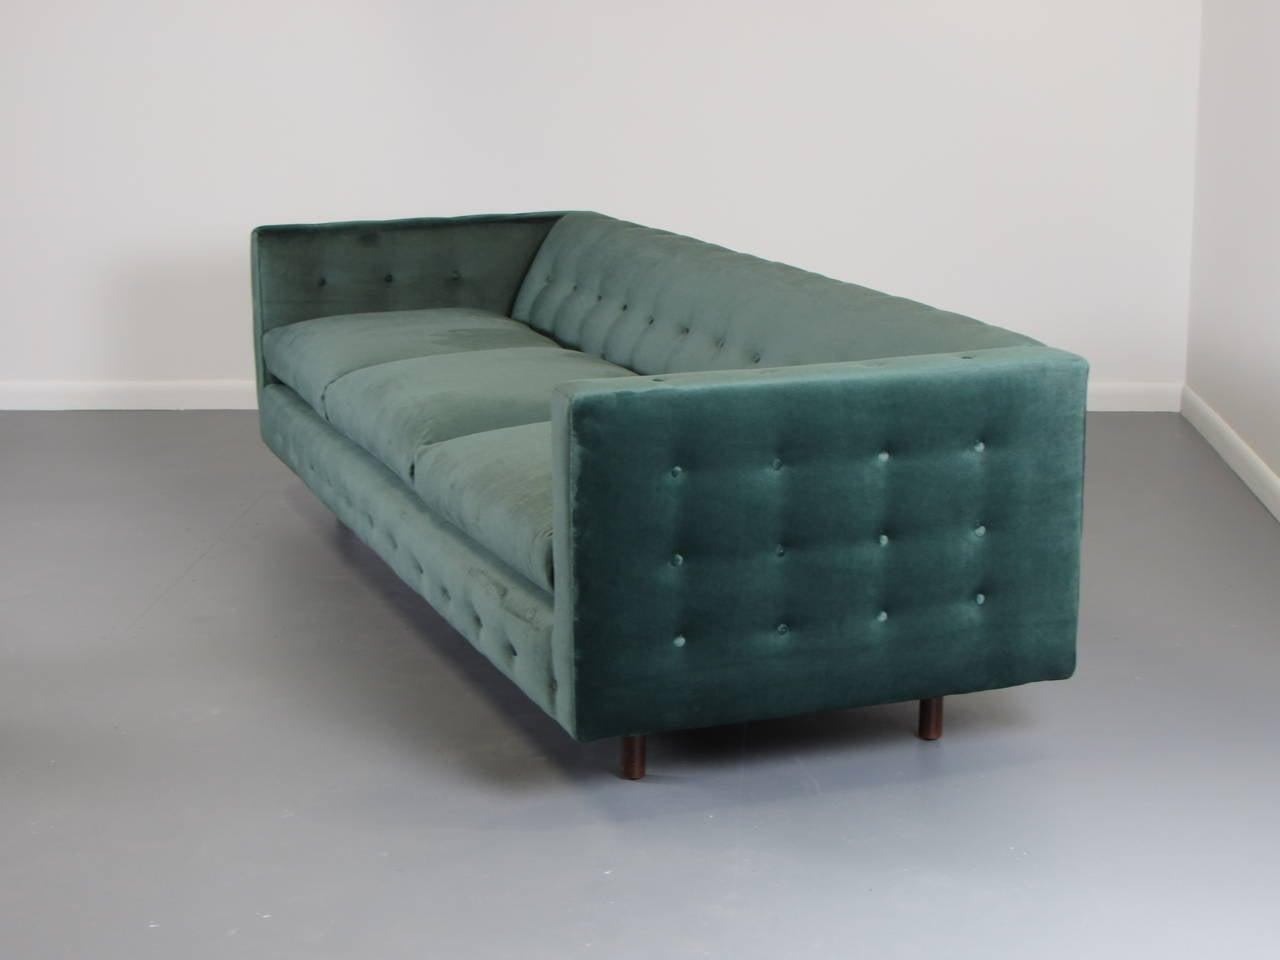 Velvet Tuxedo Sofa With Button Detail By Harvey Probber